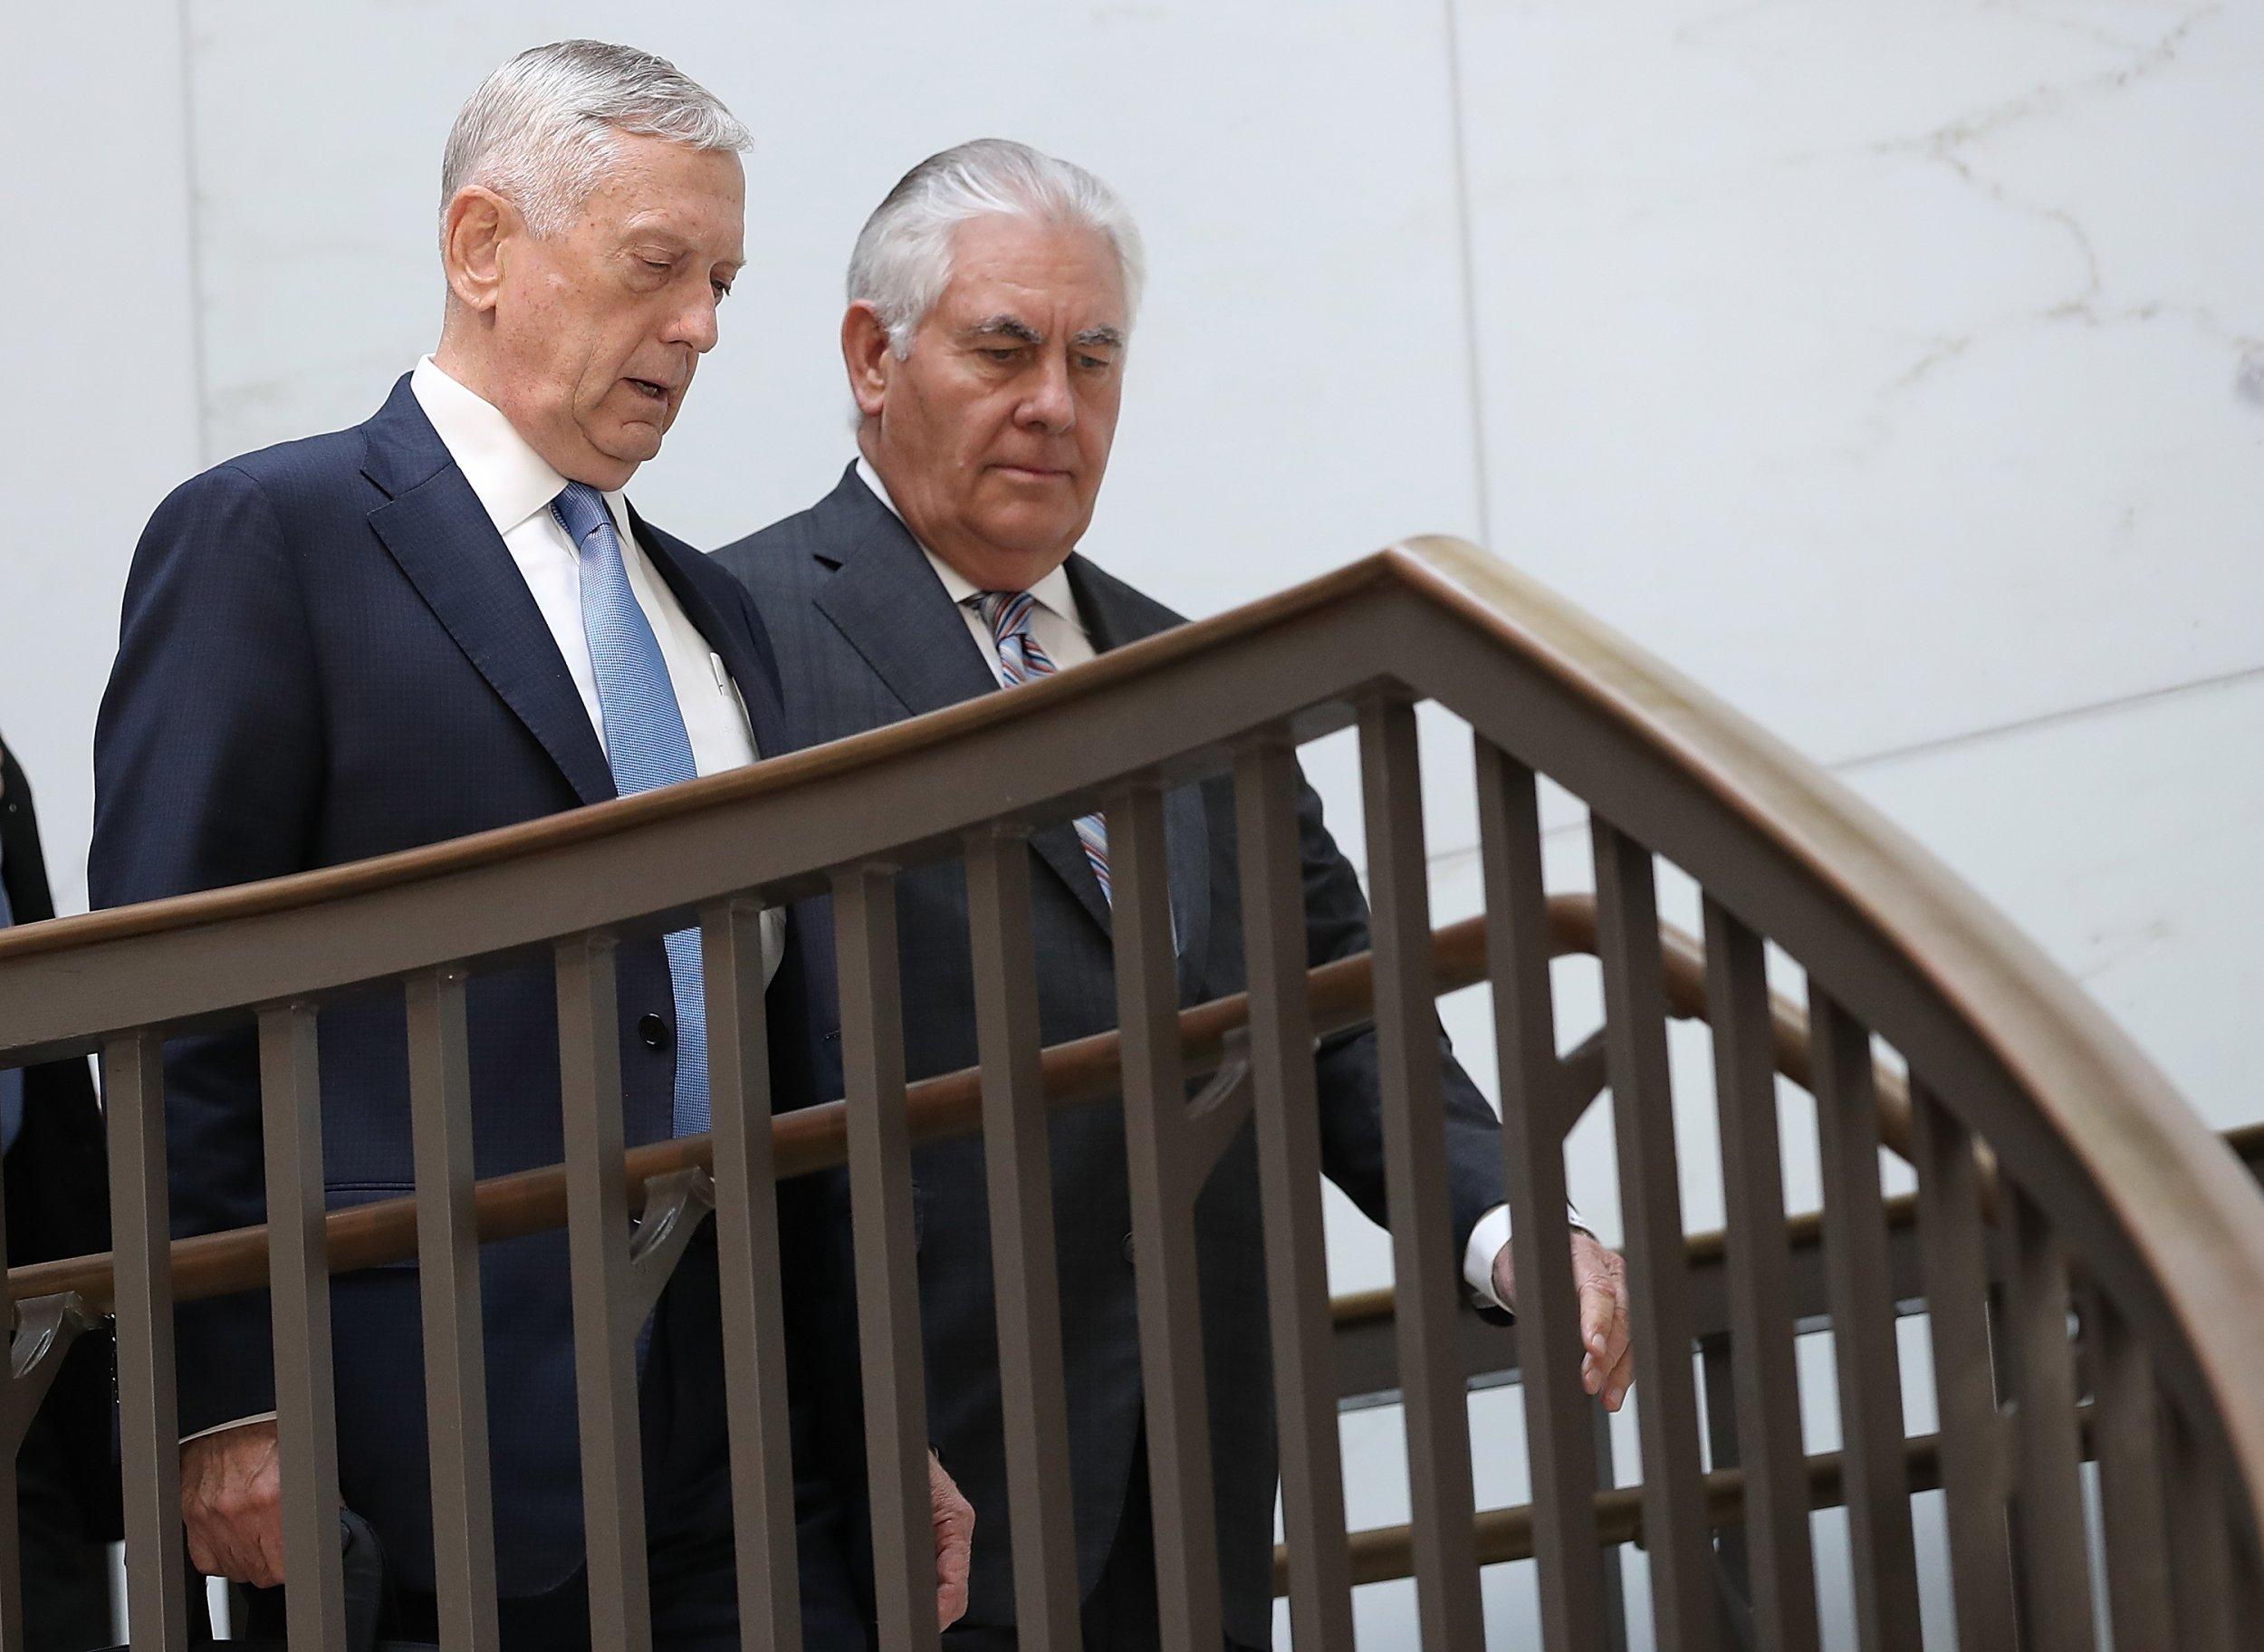 Mattis and Tillerson